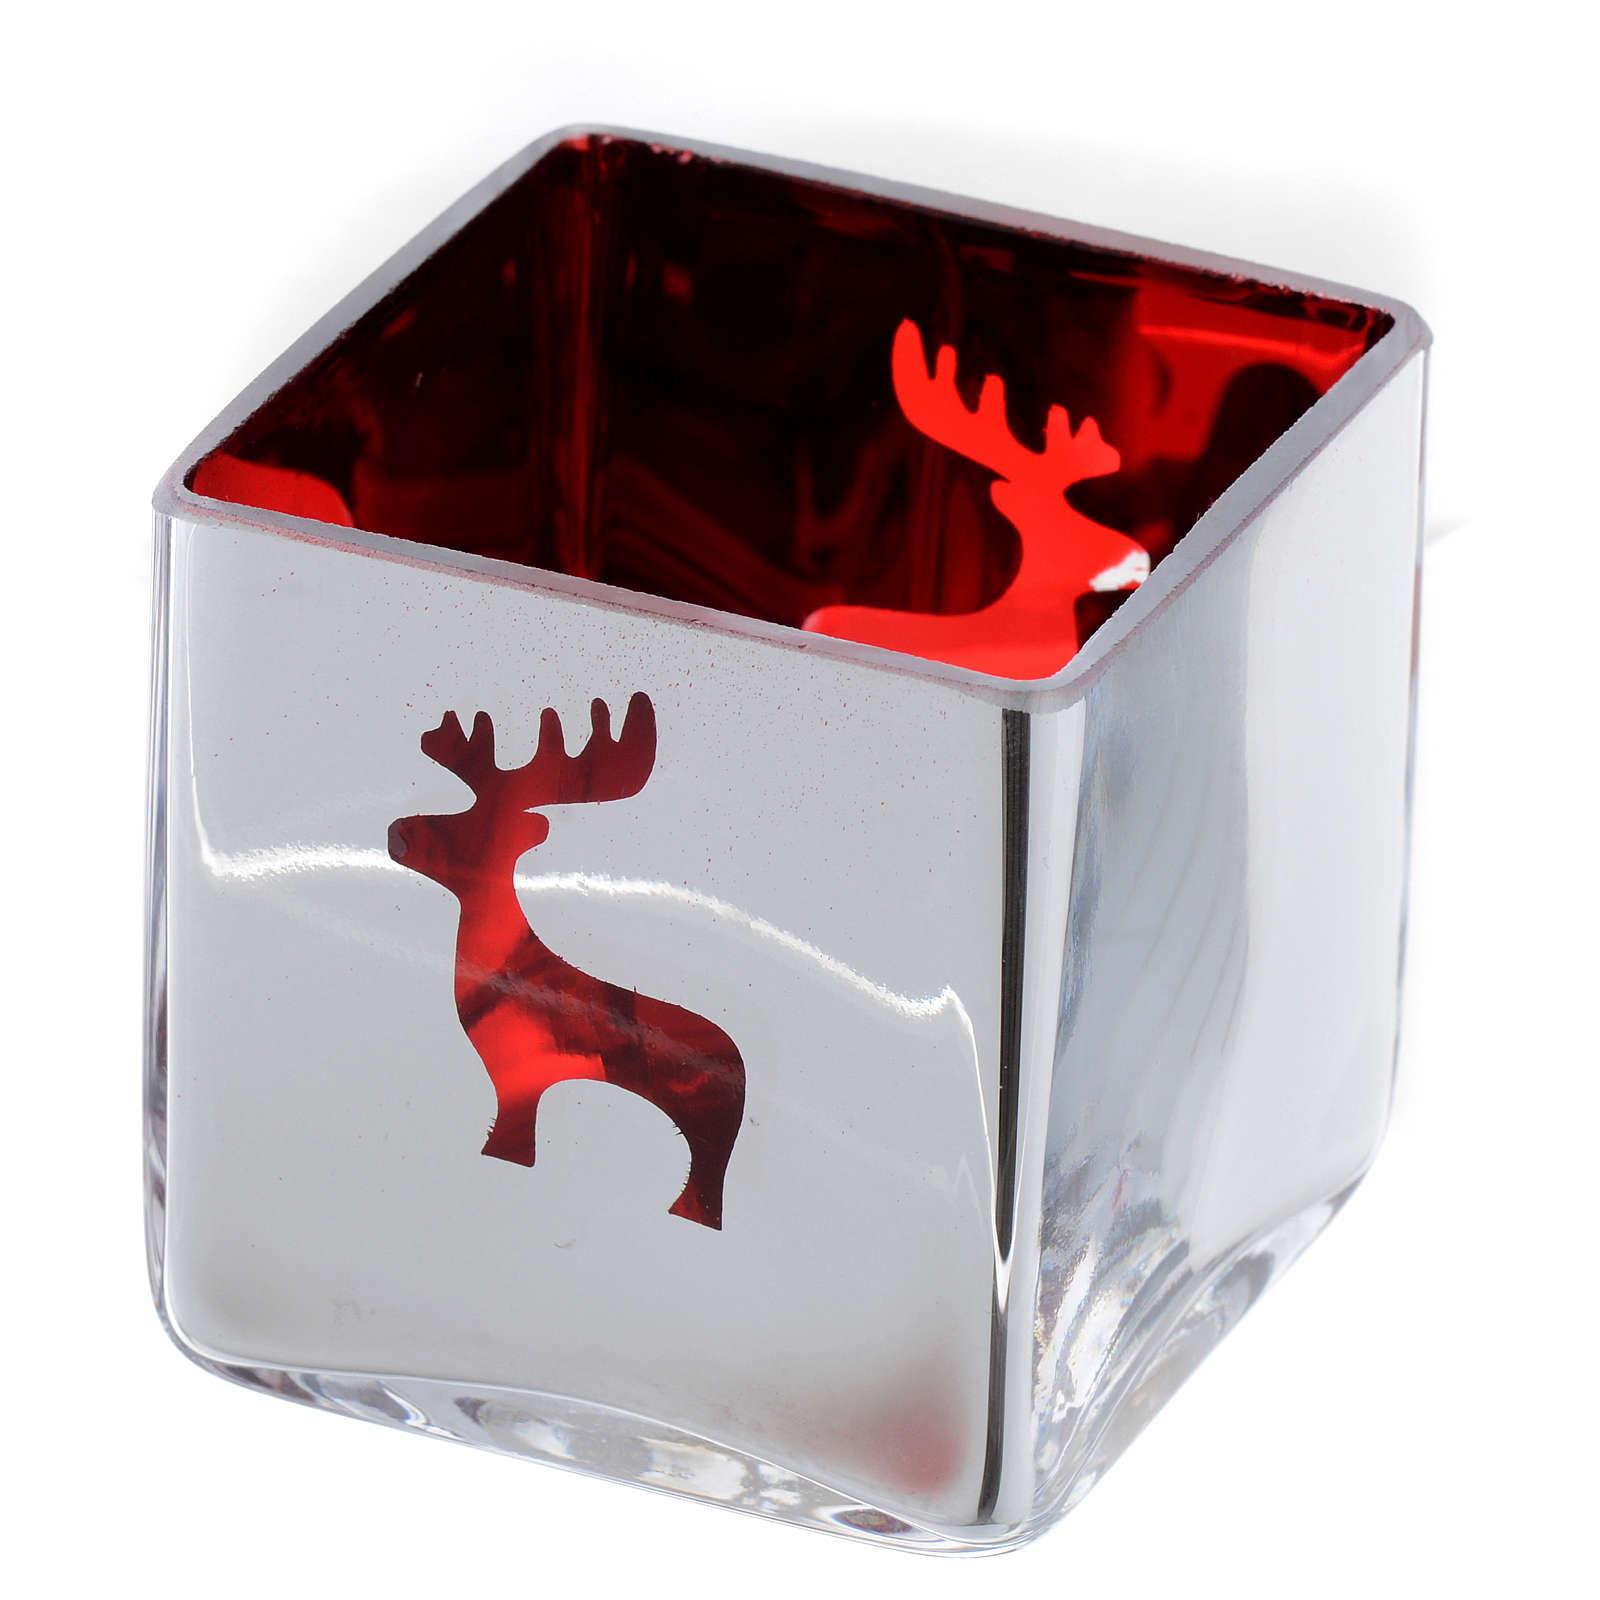 Portatealight di Natale quadro con decoro rosso (assortiti) 3